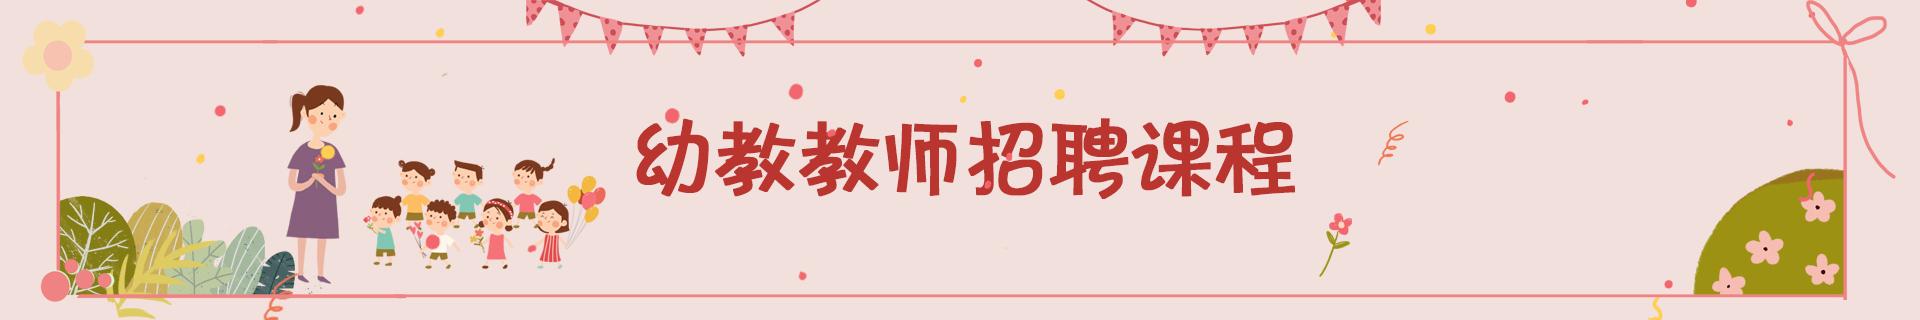 广州白云区敏试教育培训机构